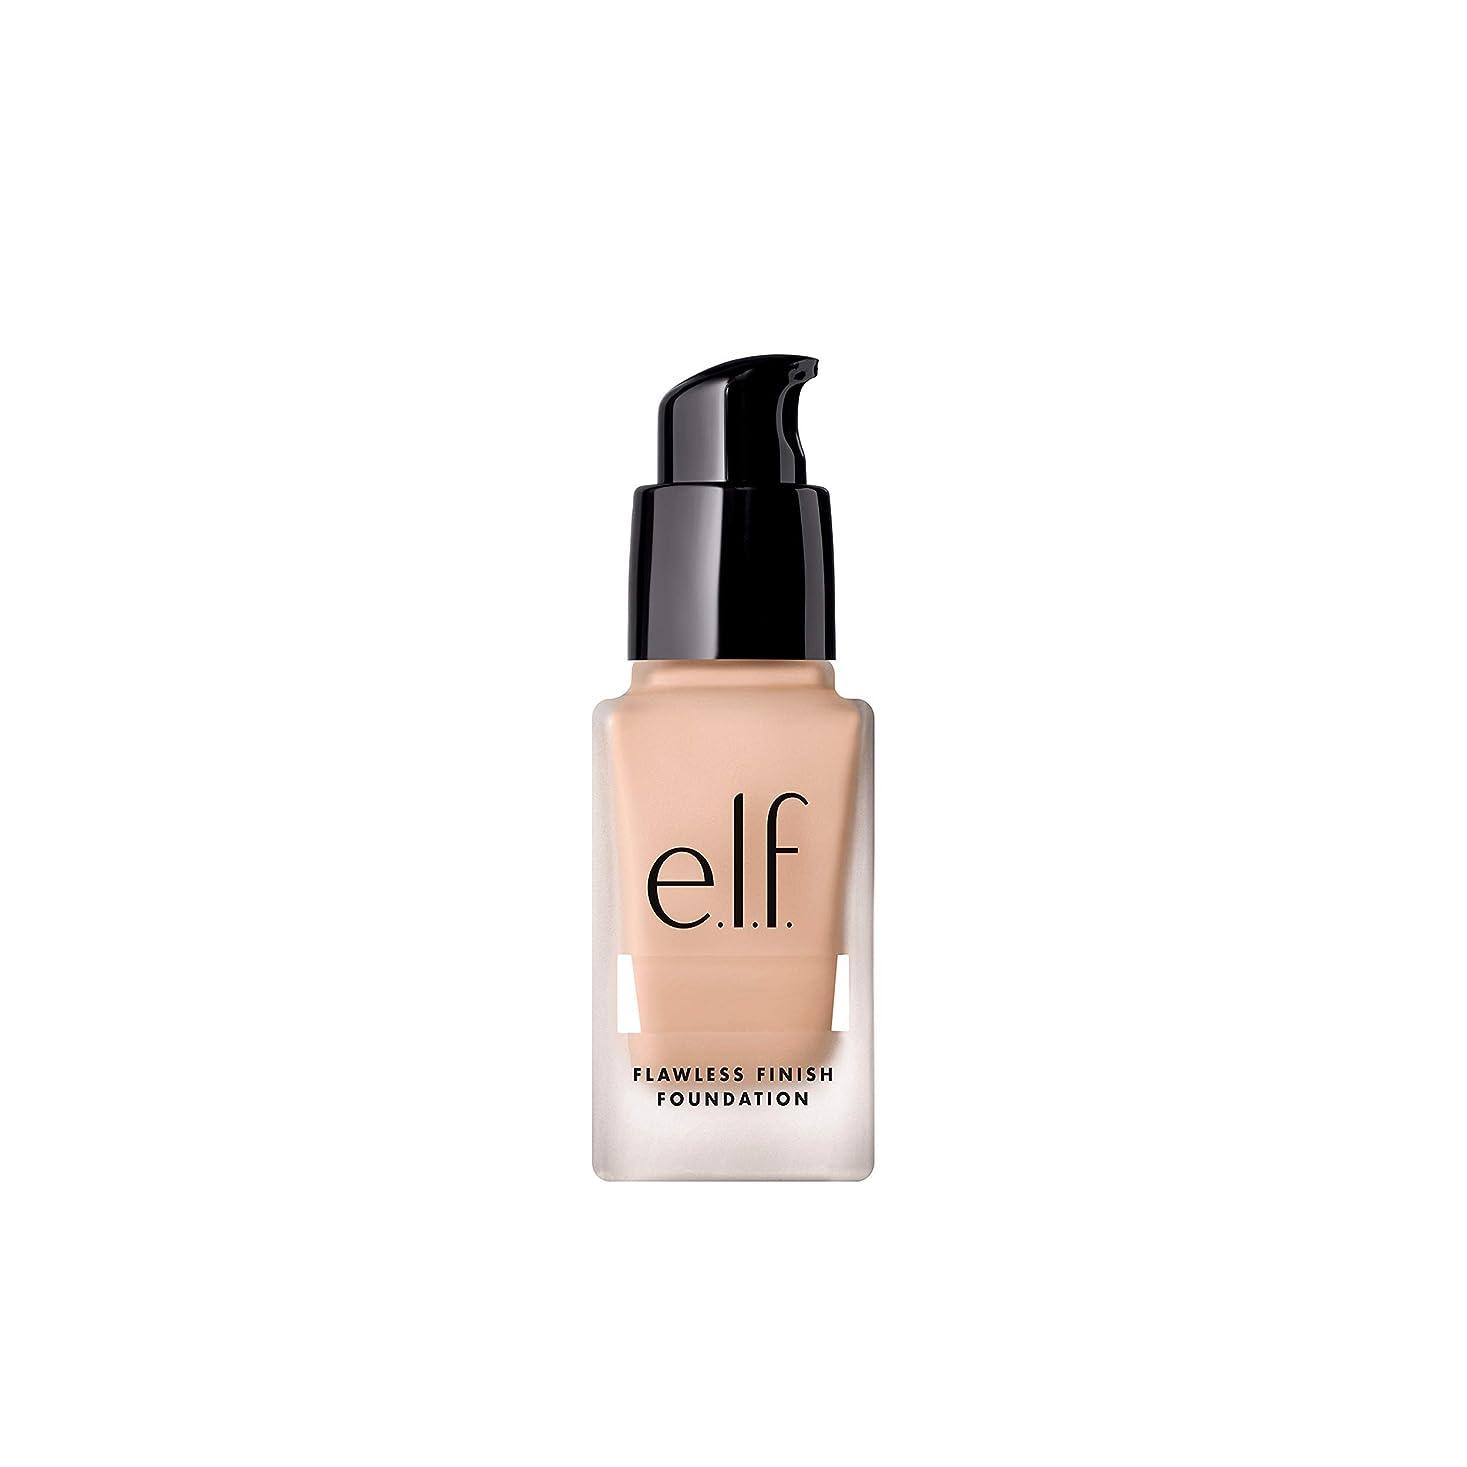 頑固なオンス開梱e.l.f. Oil Free Flawless Finish Foundation - Natural